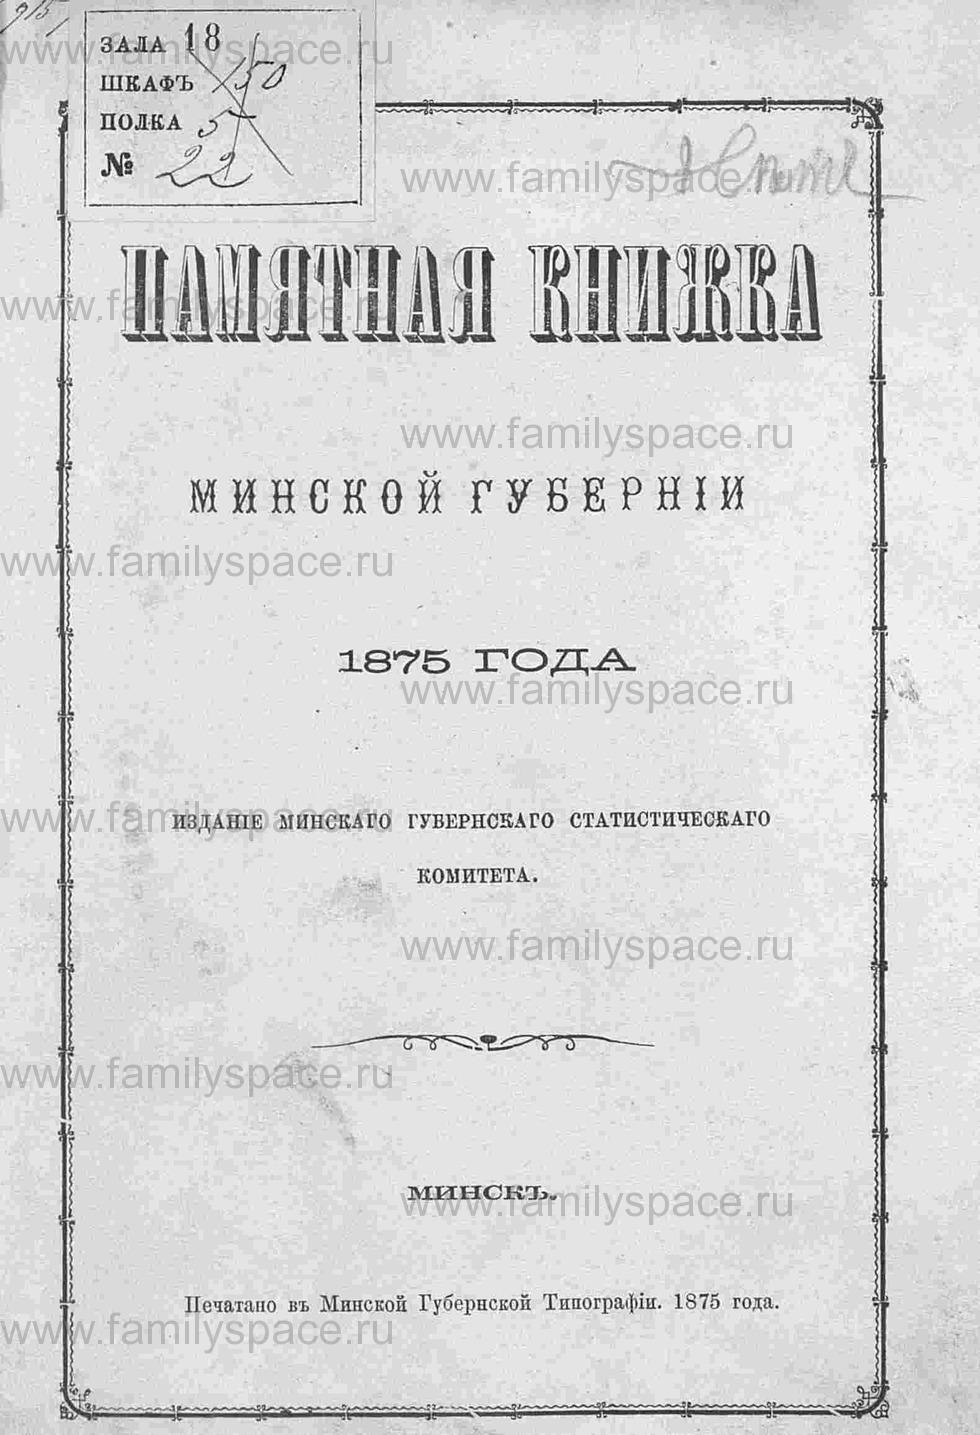 Поиск по фамилии - Памятная книжка Минской губернии 1875 года, страница 3